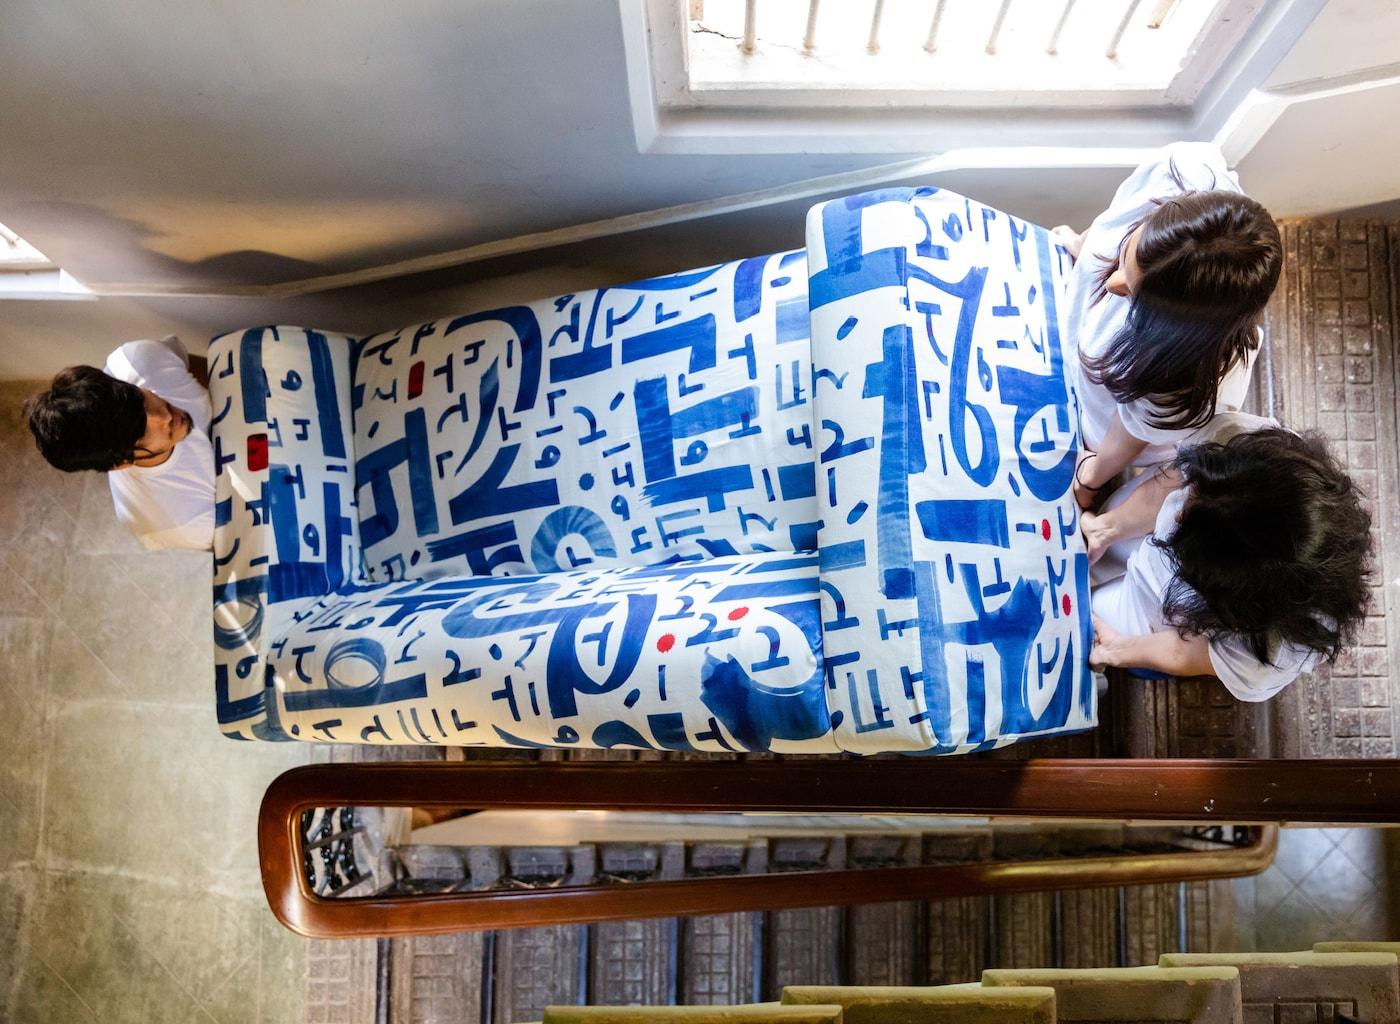 Três pessoas com cabelo escuro a subir uma escada e a transportar um sofá KLIPPAN em branco e azul.